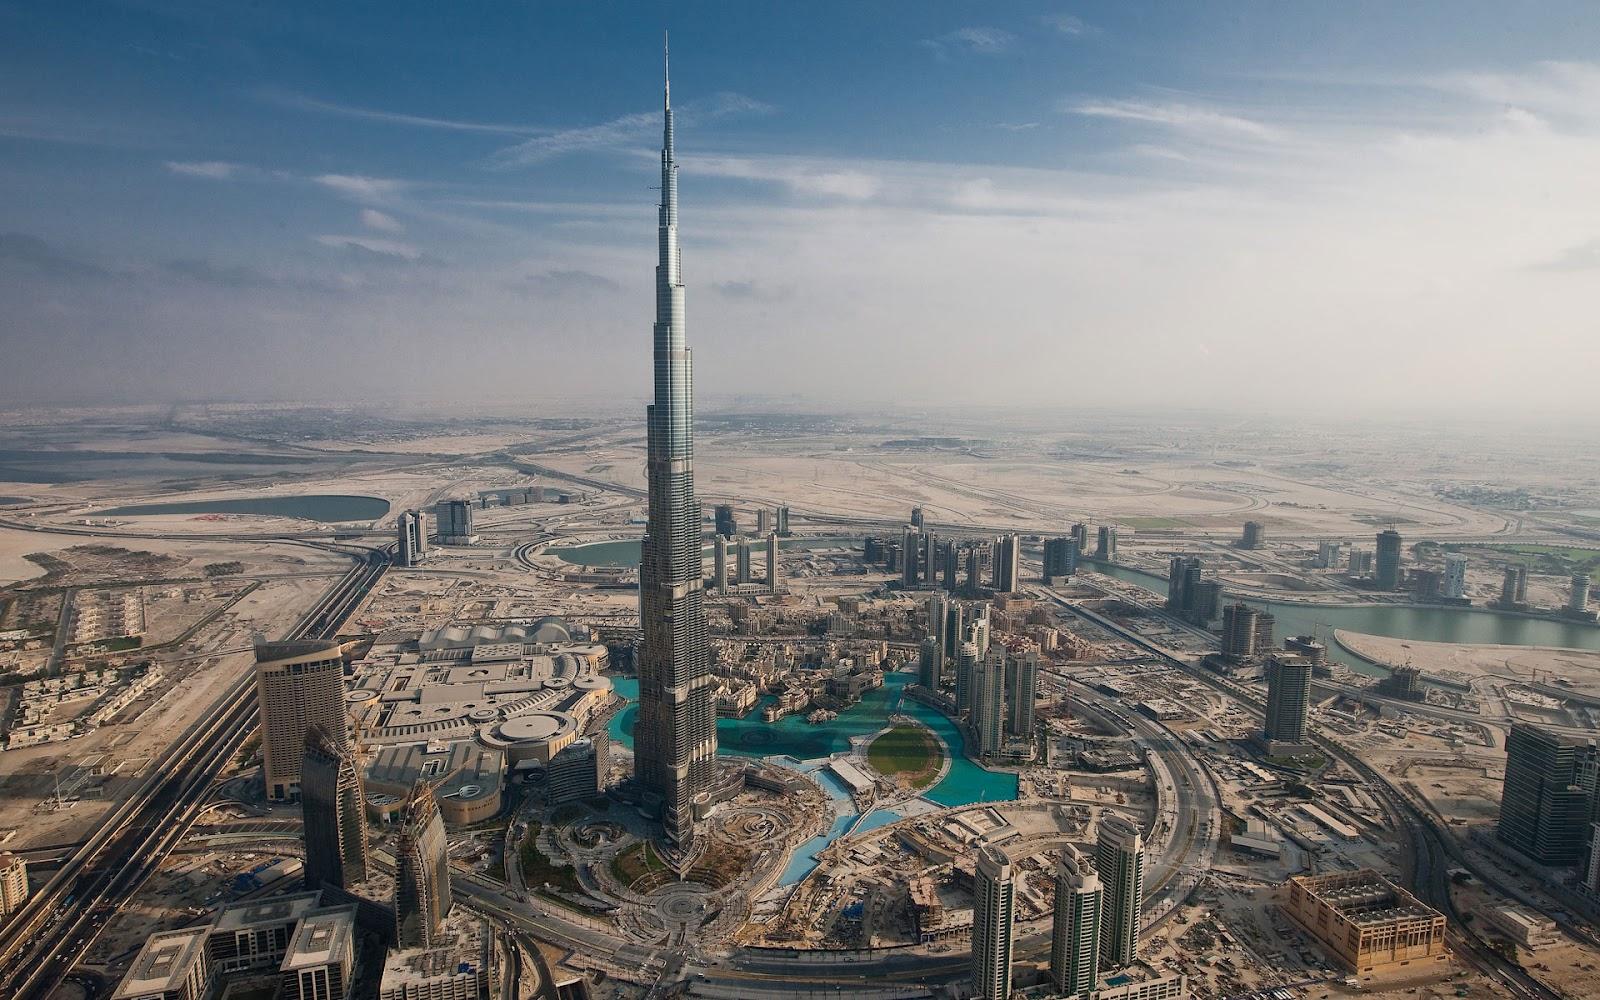 http://1.bp.blogspot.com/-nnBrjDbsKp8/UAE1qHt0oUI/AAAAAAAAAuQ/Hhl8V0B6jV0/s1600/Burj+Khalifa+aka+Burj+Dubai+HD+Wallpaper.jpg